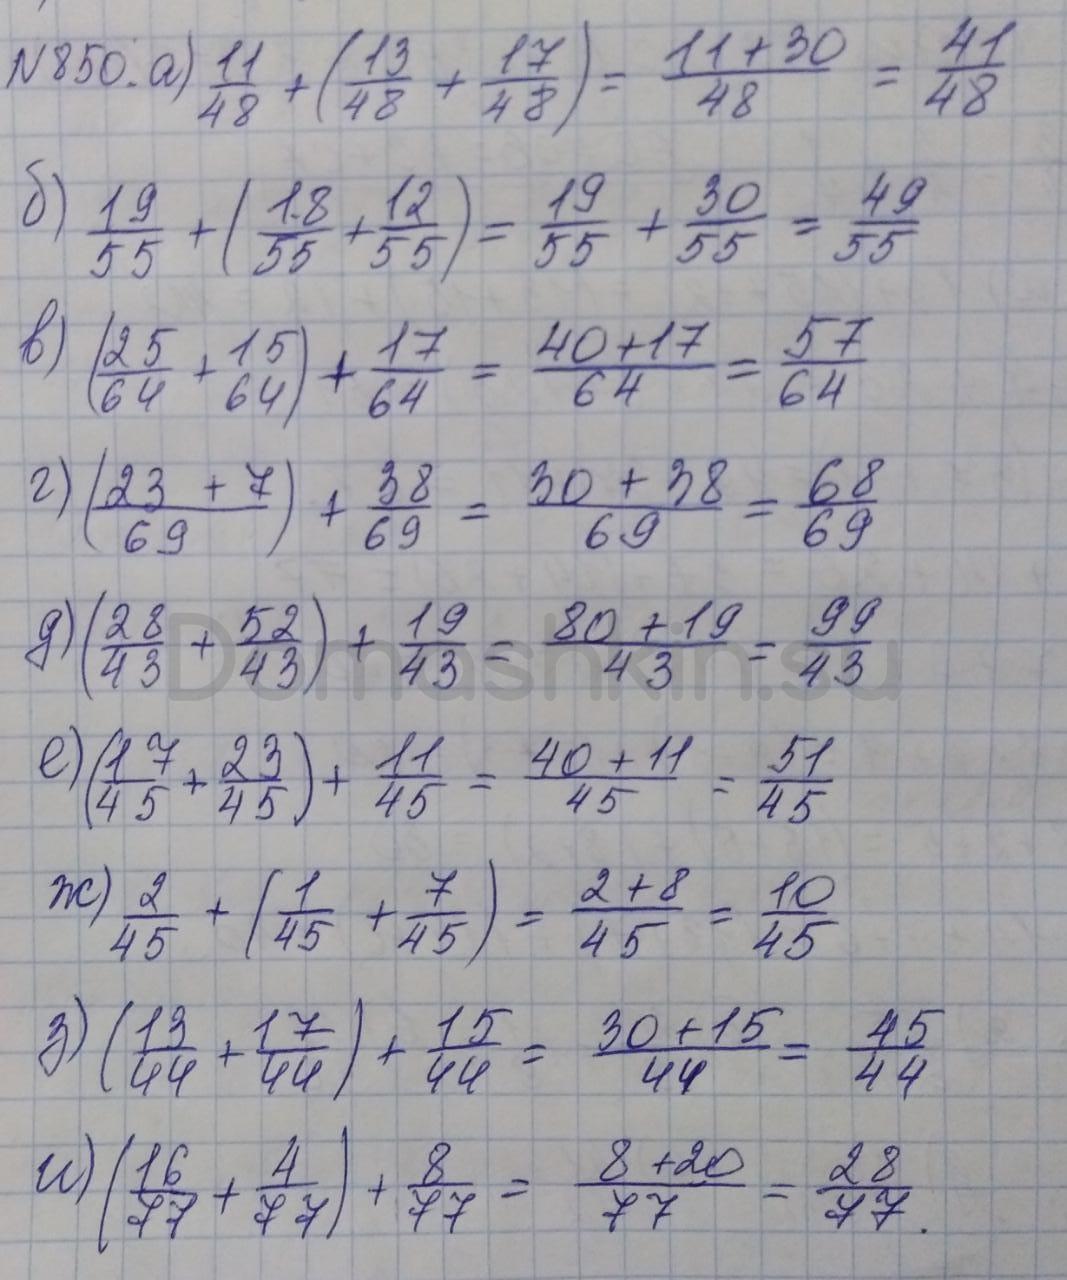 Математика 5 класс учебник Никольский номер 850 решение